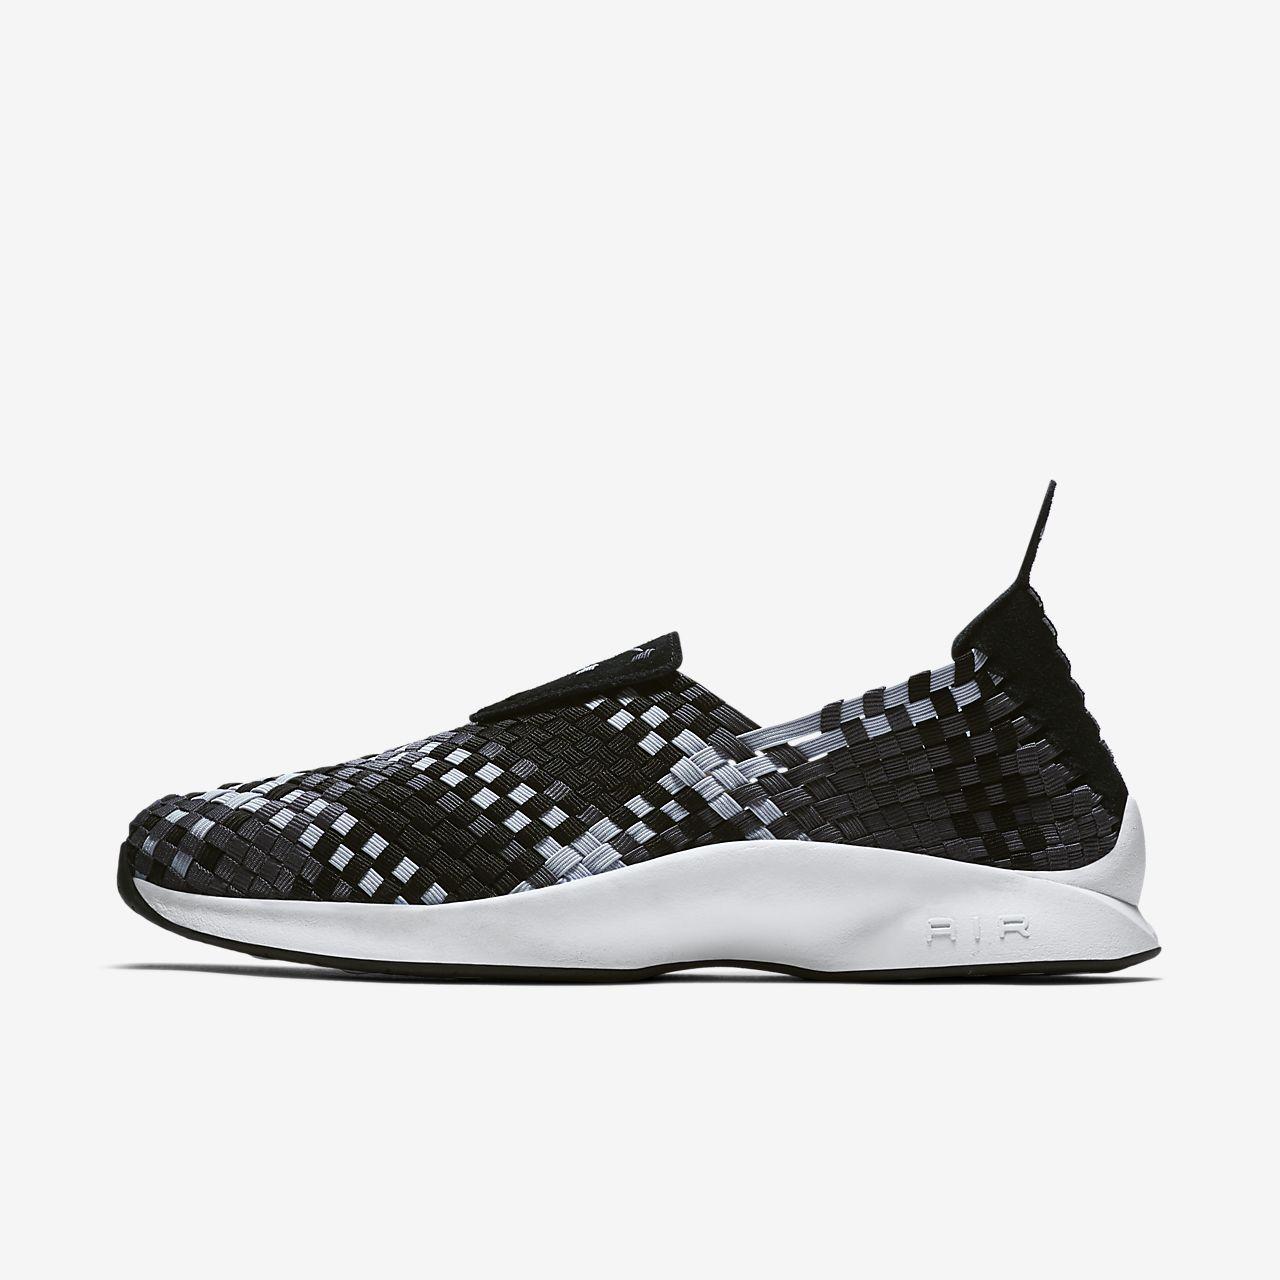 promo code 57cd0 80e58 ... Nike Air Woven - sko til mænd